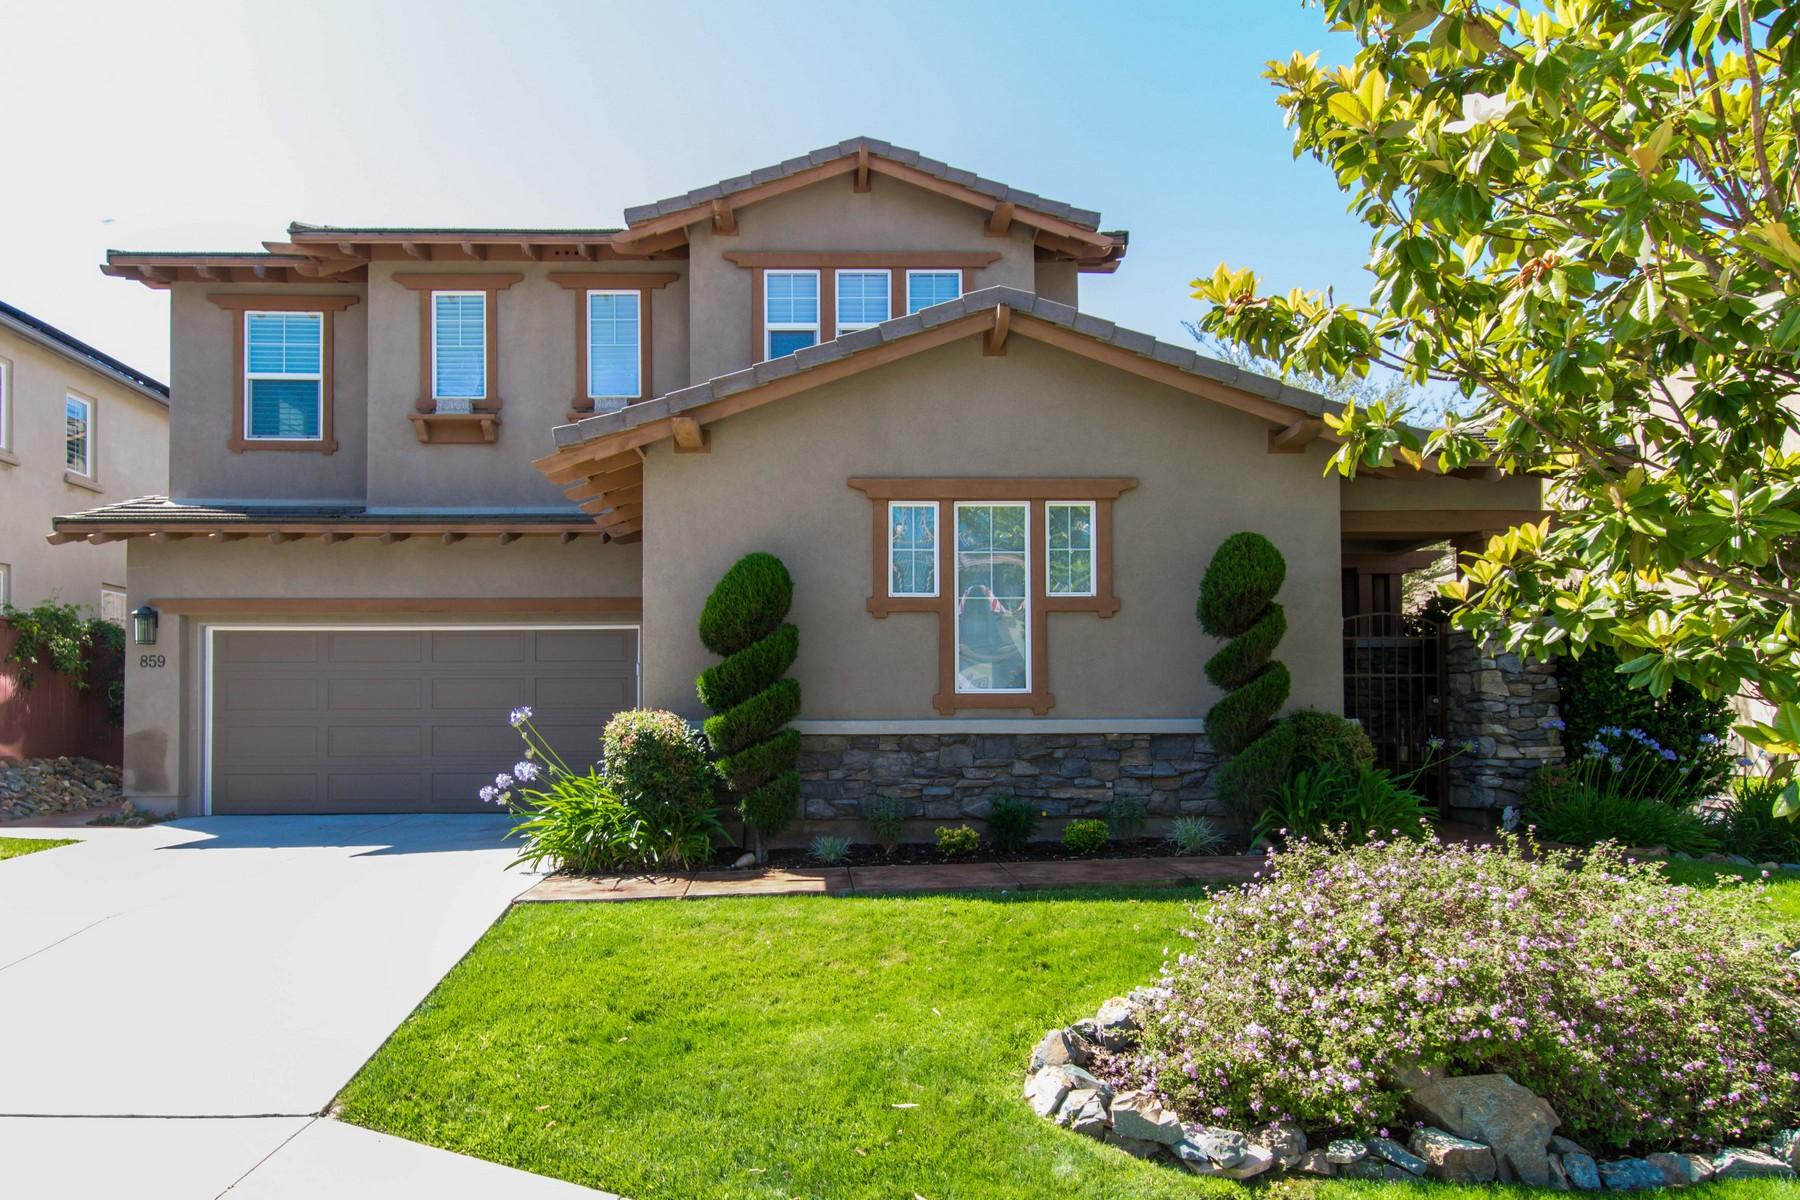 Maison unifamiliale pour l Vente à 859 Antilla Way San Marcos, Californie, 92078 États-Unis